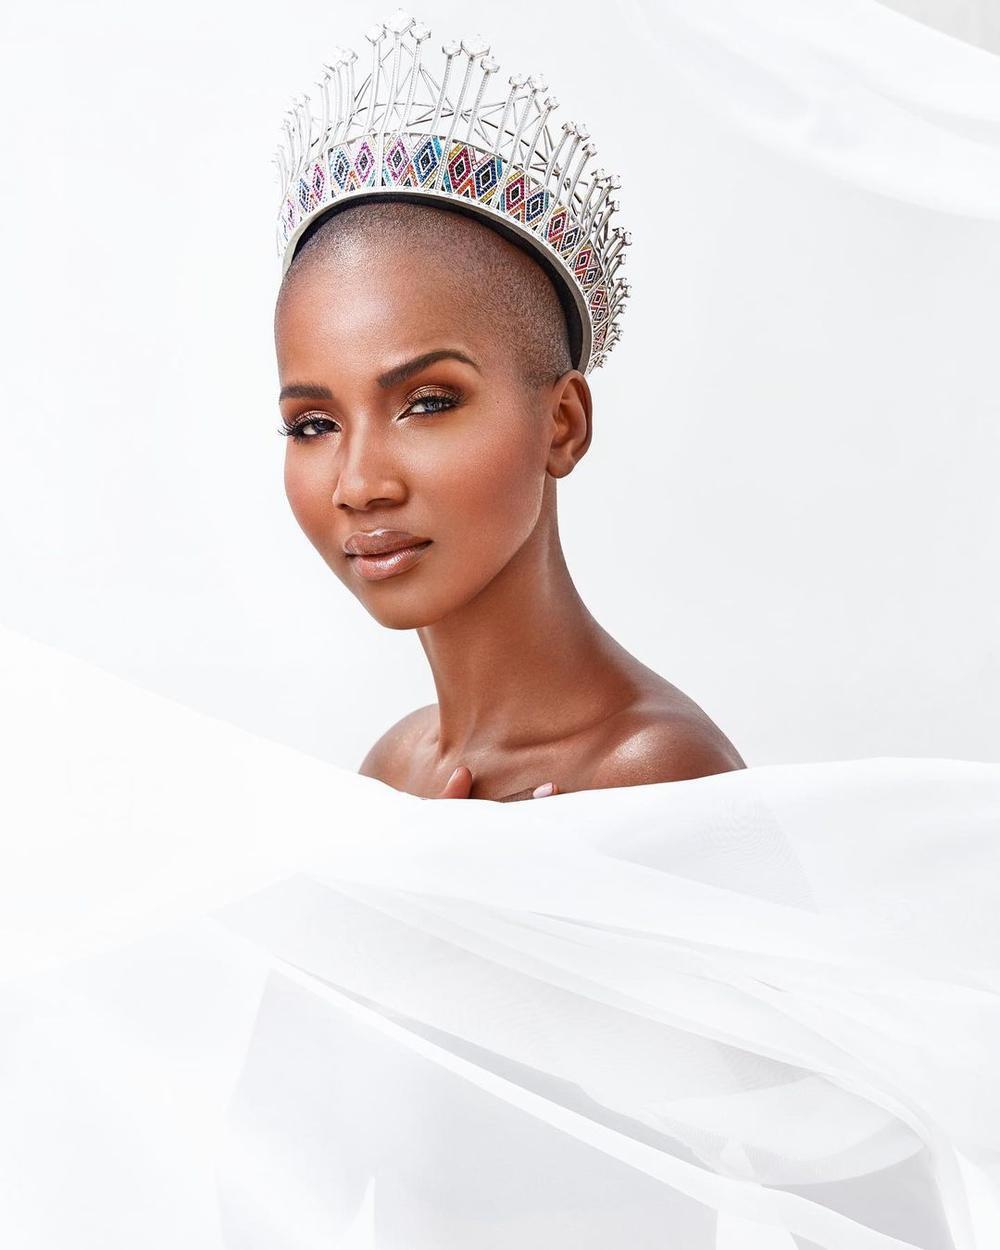 Hoa hậu Việt Nam Đỗ Thị Hà được Missosology dự đoán lọt Top 10 Miss World 2021 Ảnh 2